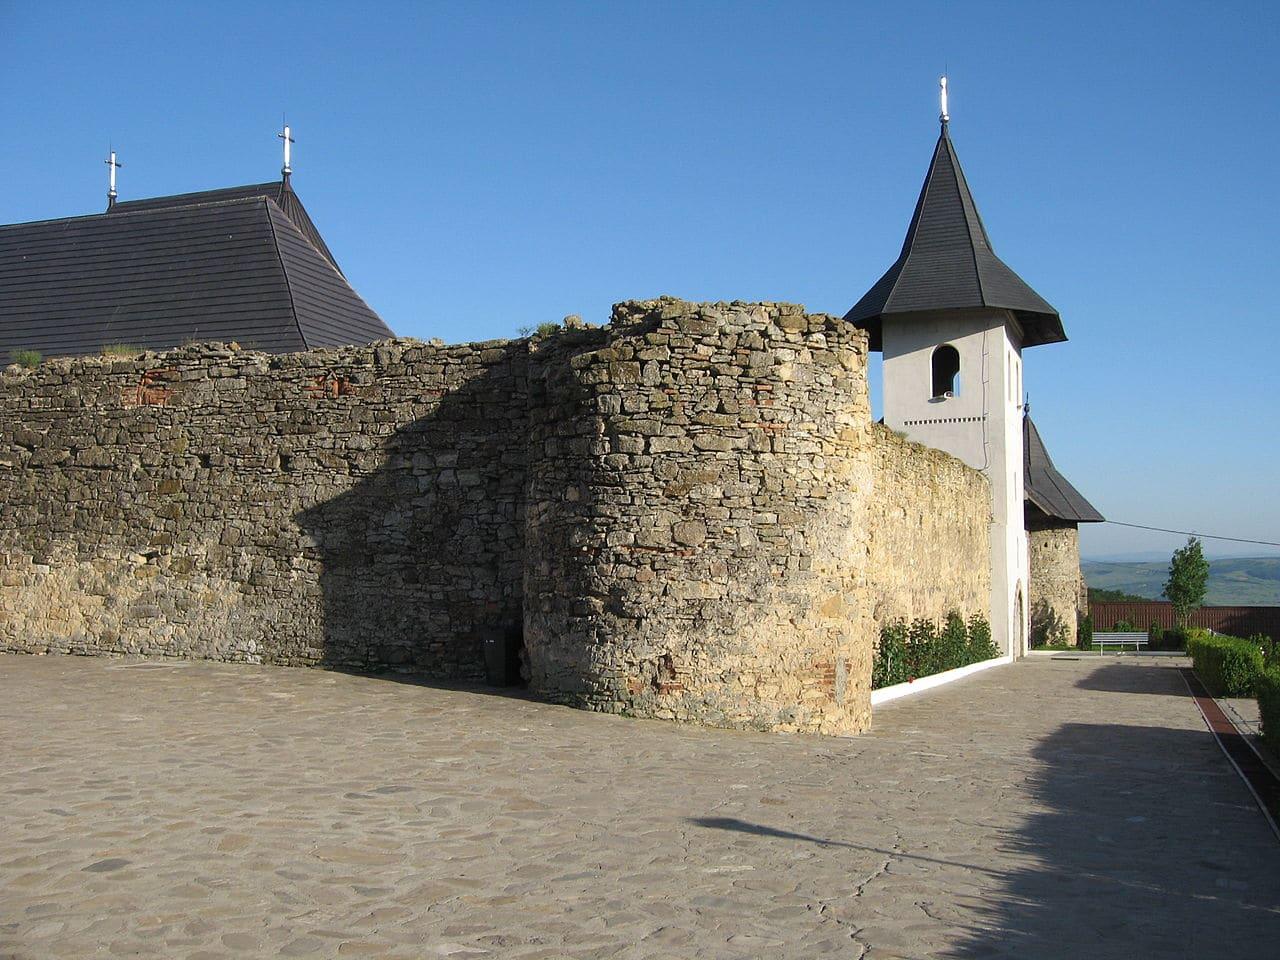 Zidul din piatră este vechi de sute de ani